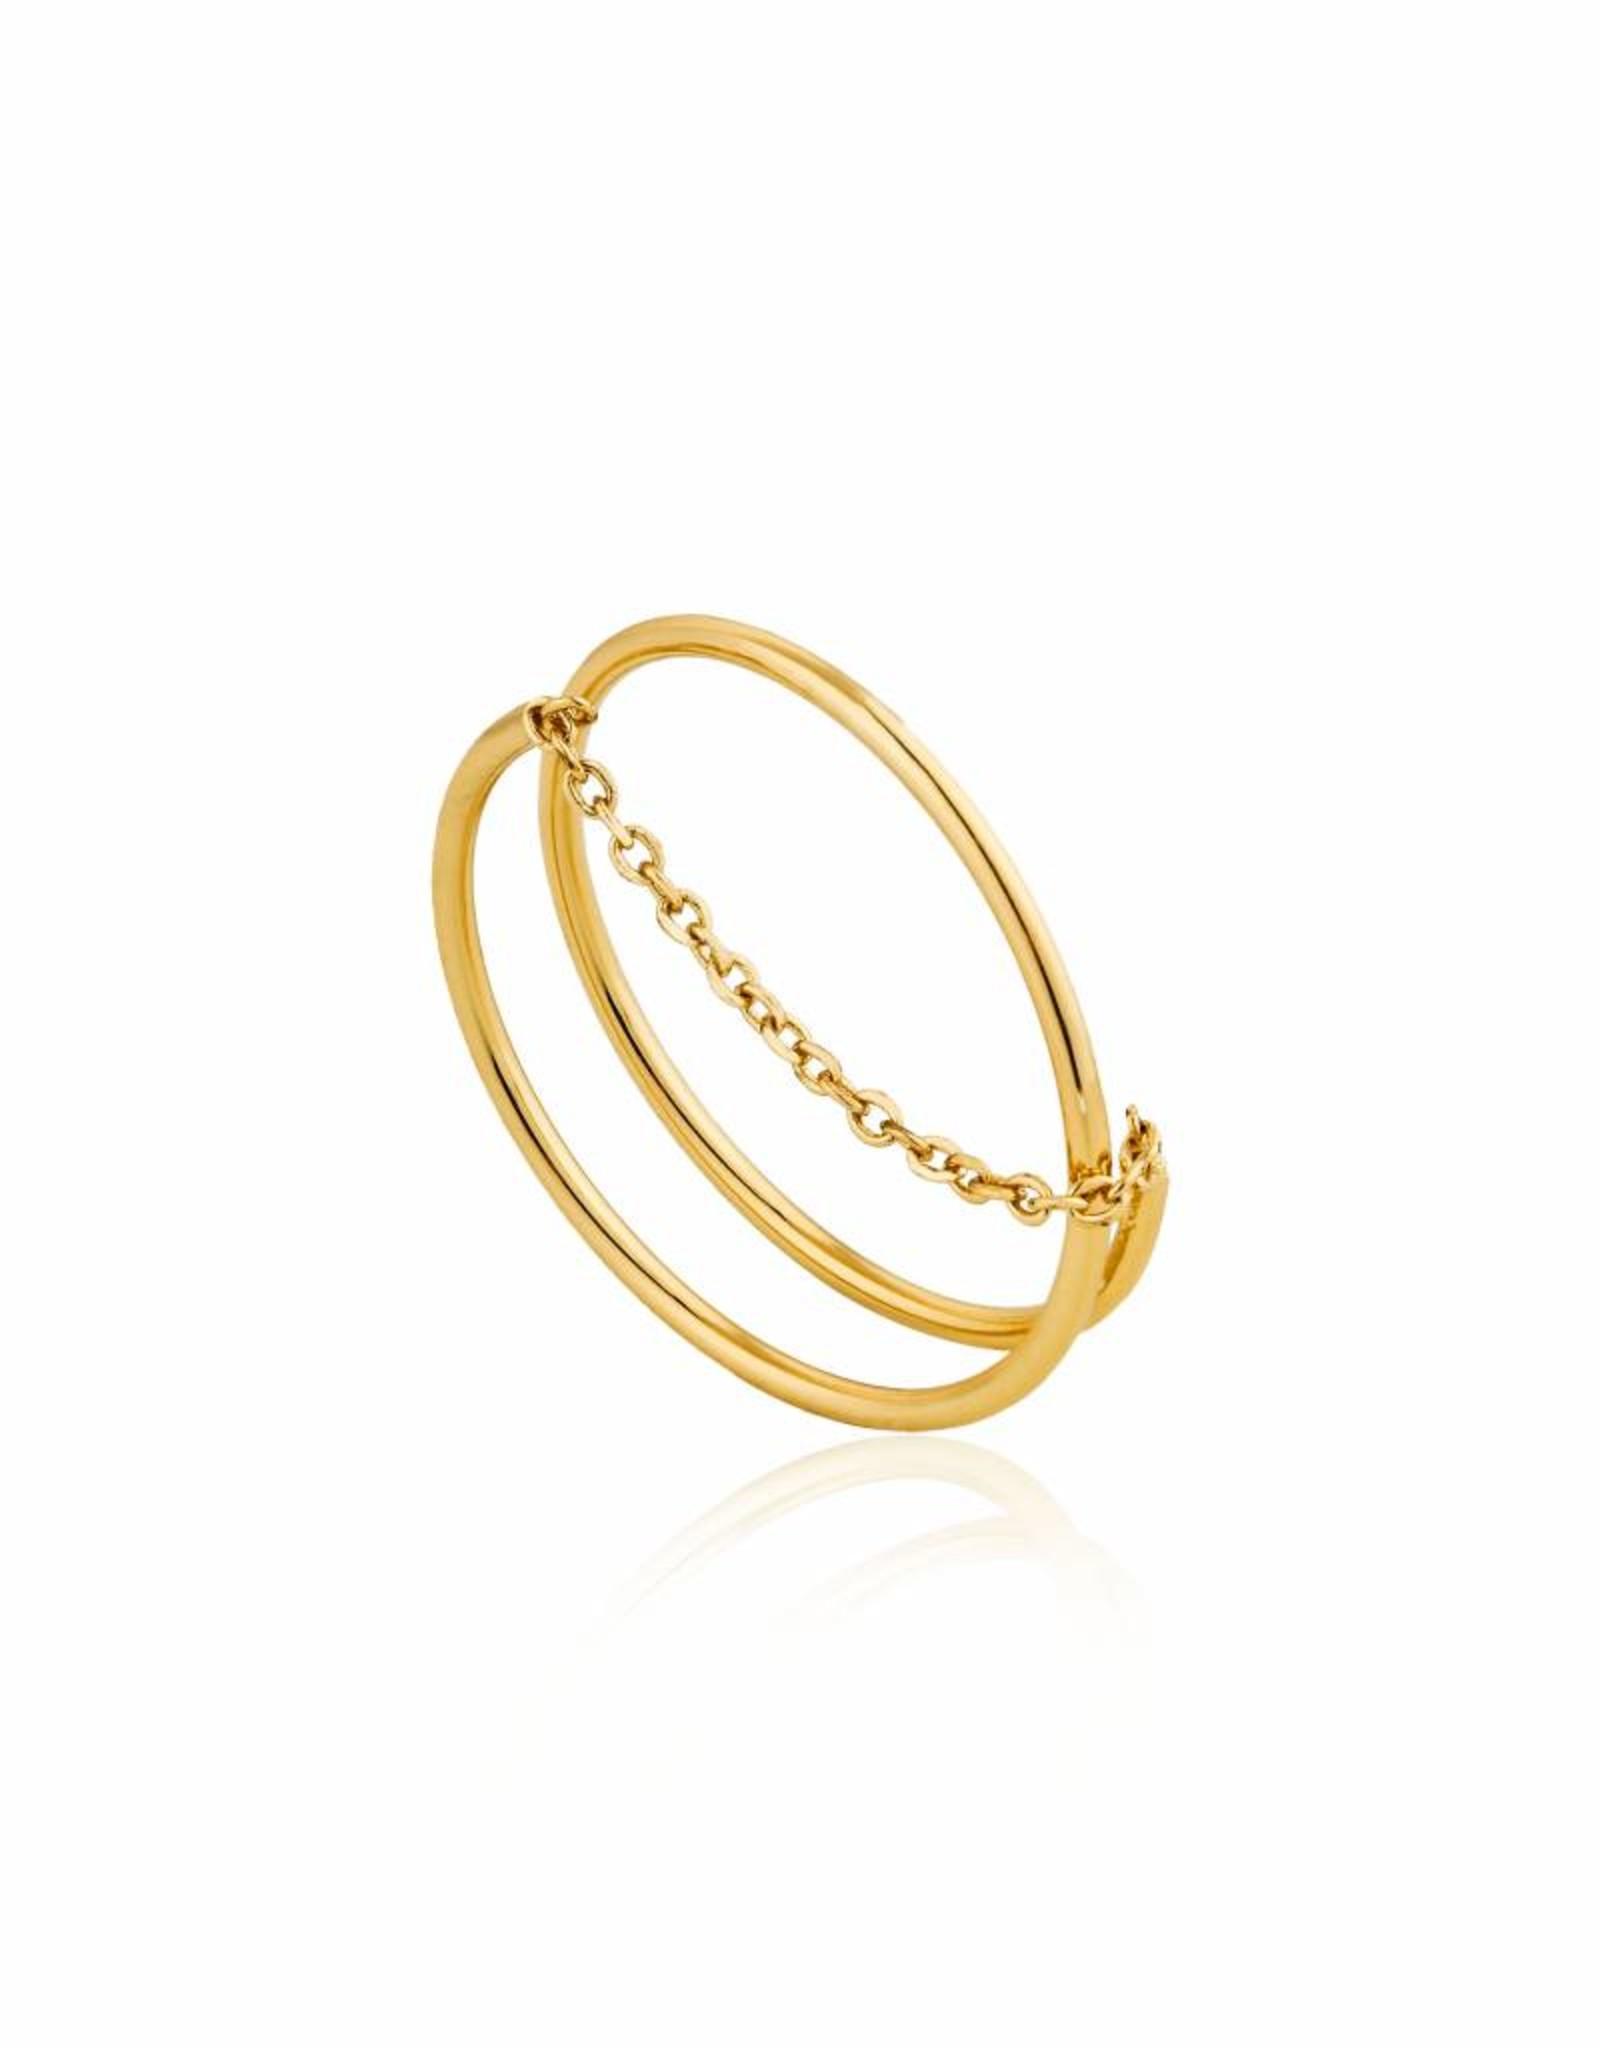 Ania Haie Ania Haie - Modern twist chain ring